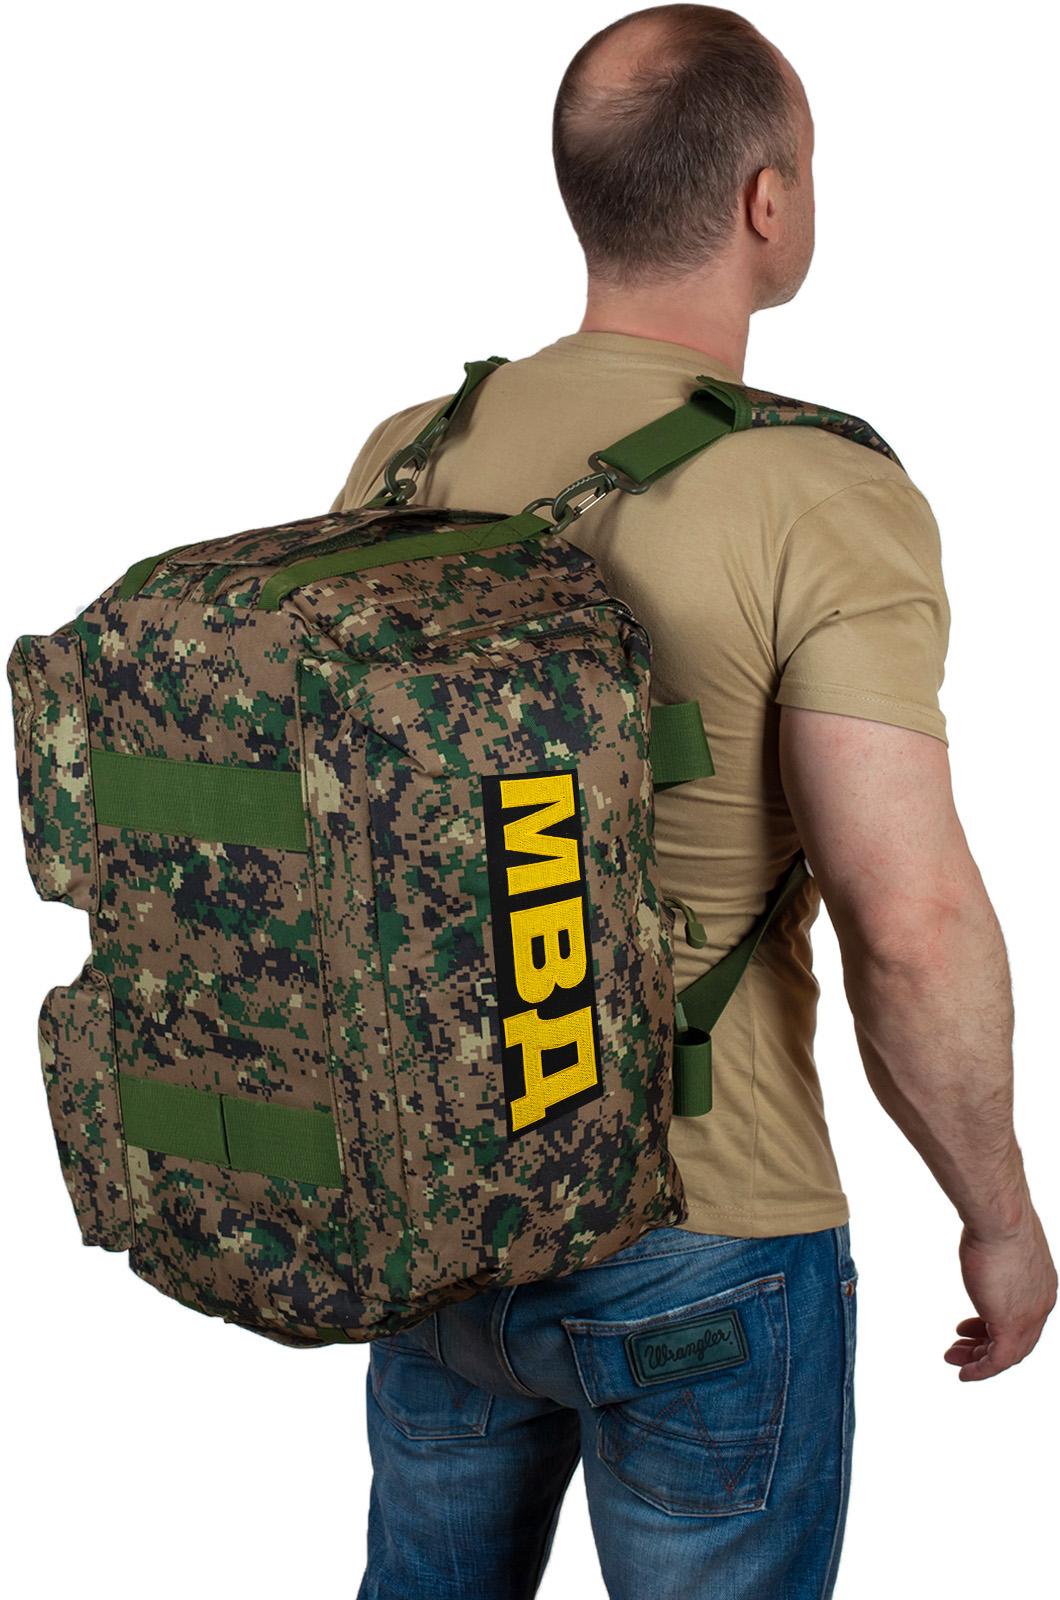 Купить армейскую дорожную сумку с нашивкой МВД по лучшей цене